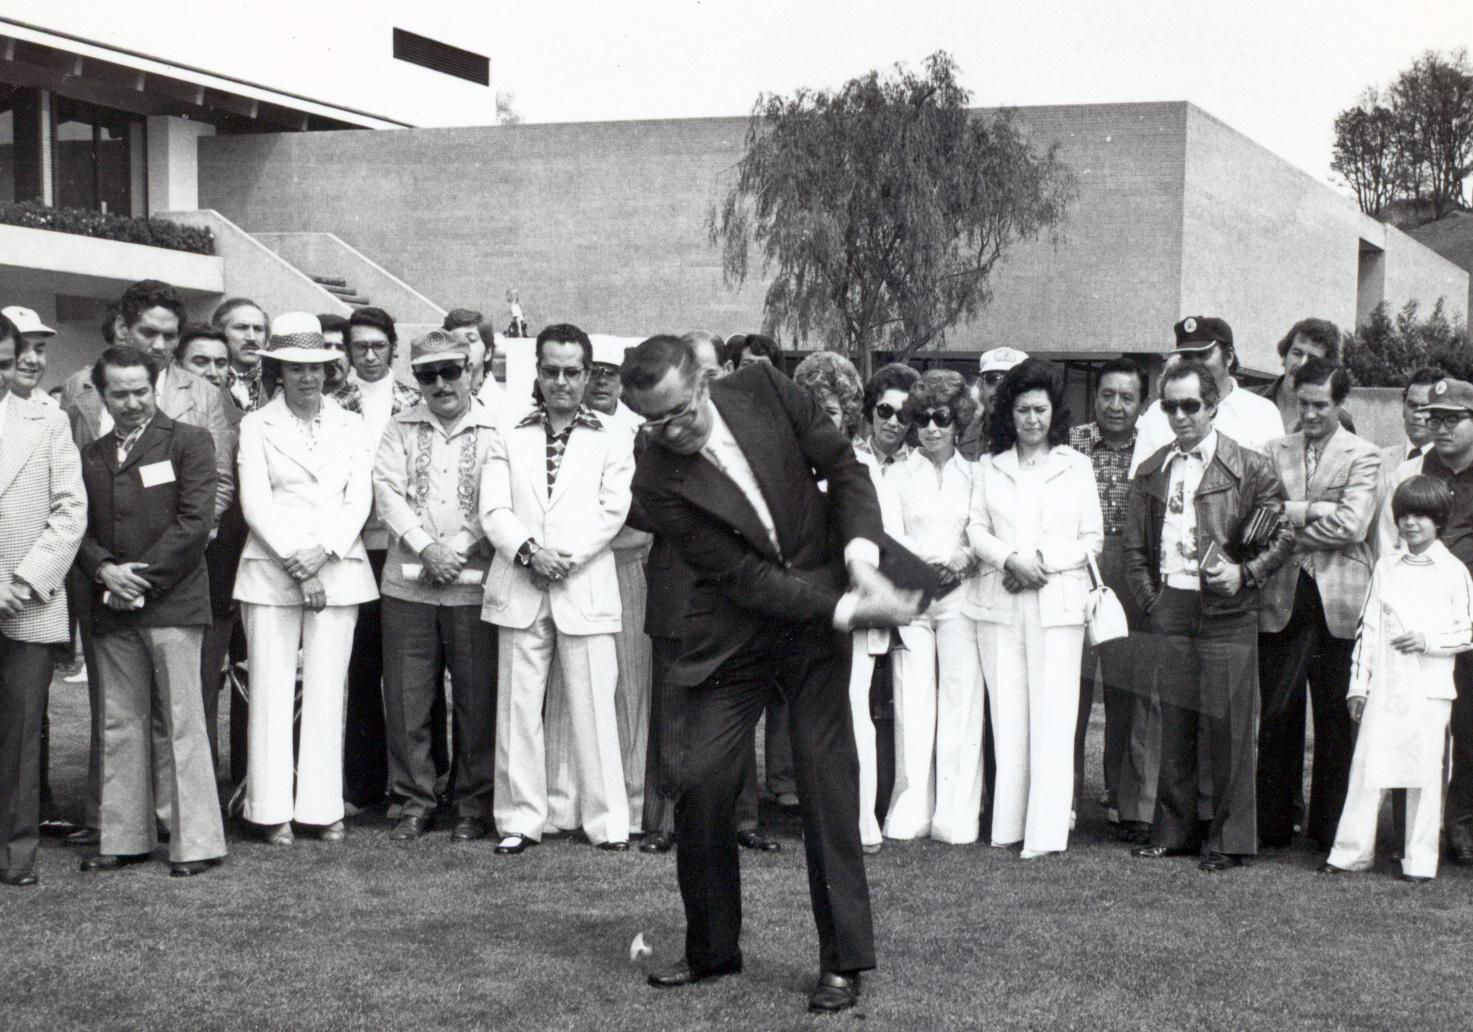 Personas admirando el swing de un golfista